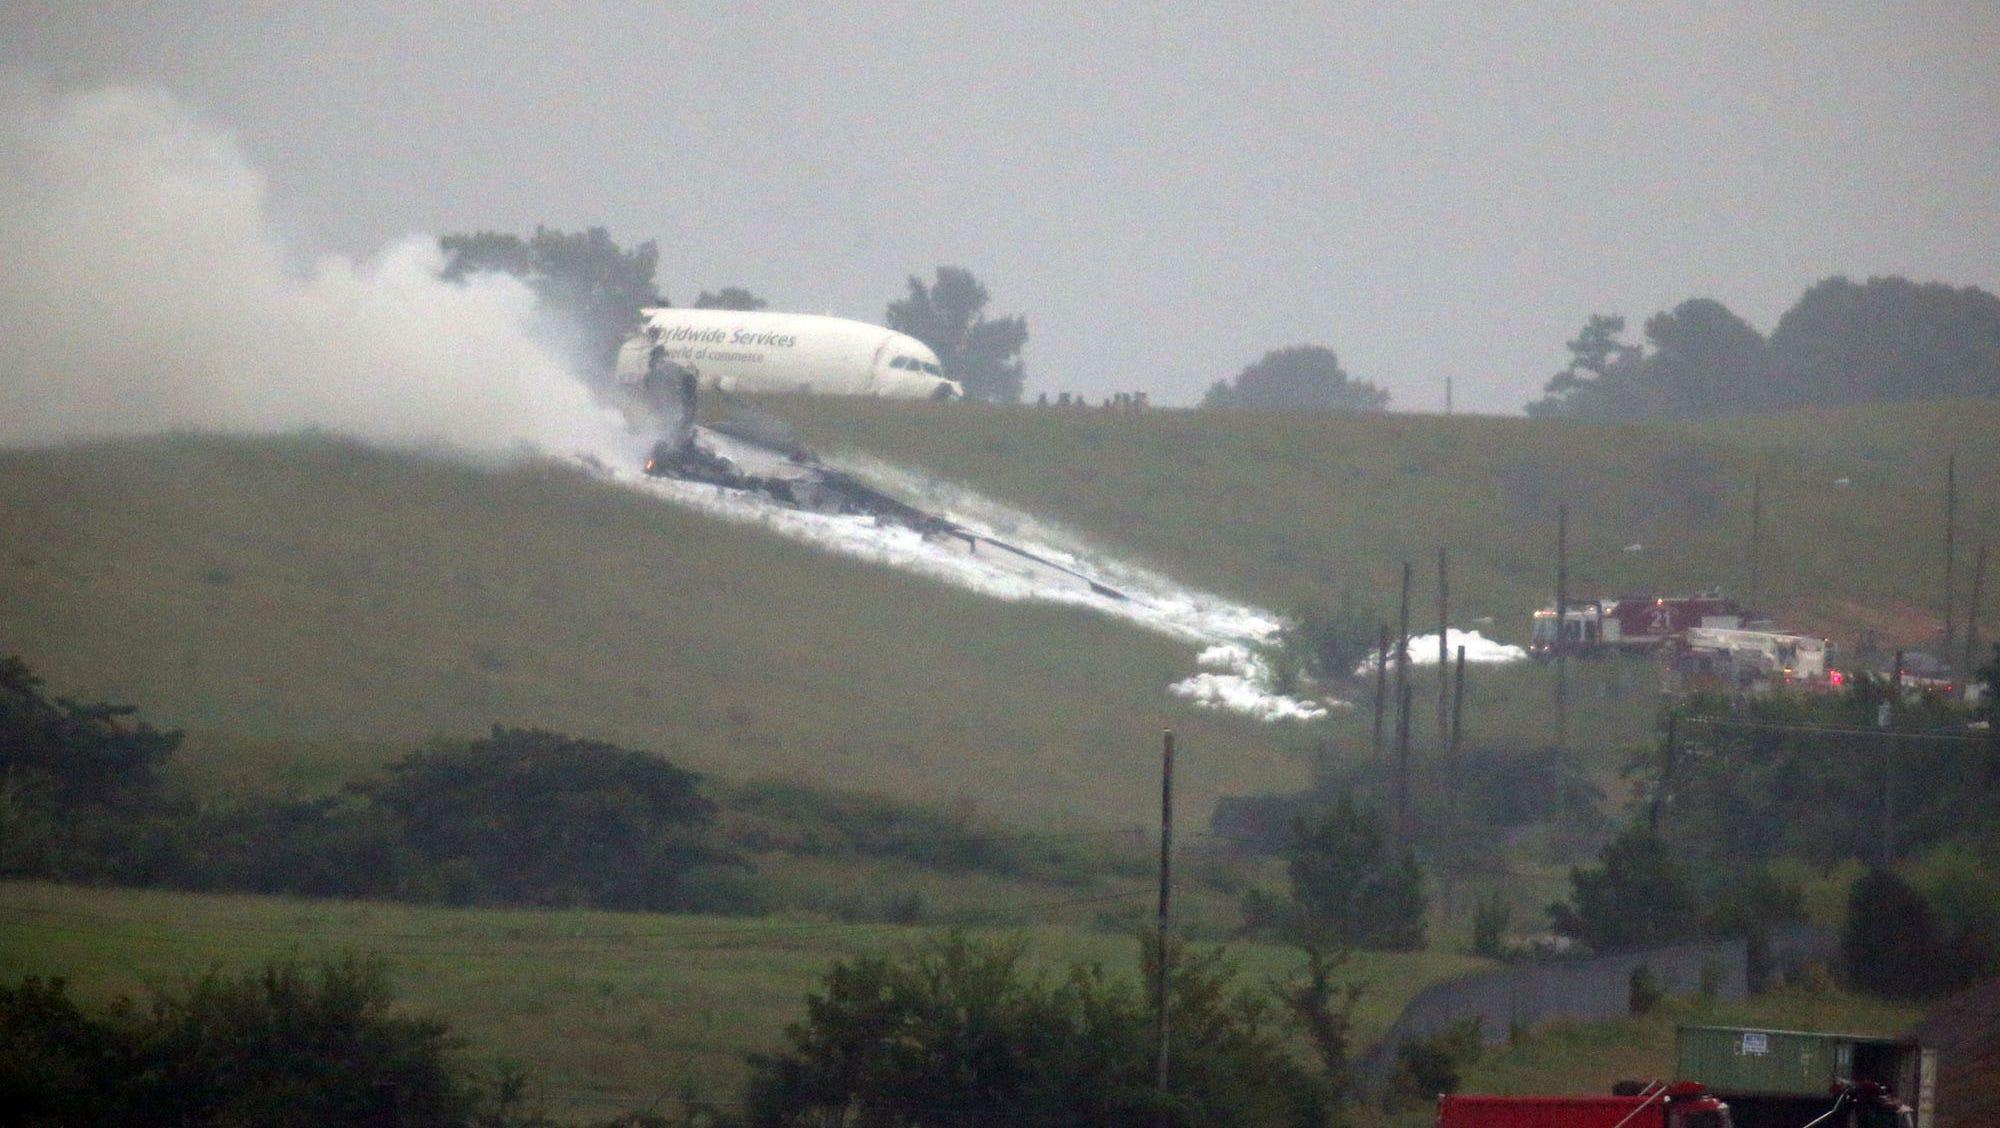 Two Dead In Fiery Ups Plane Crash In Alabama